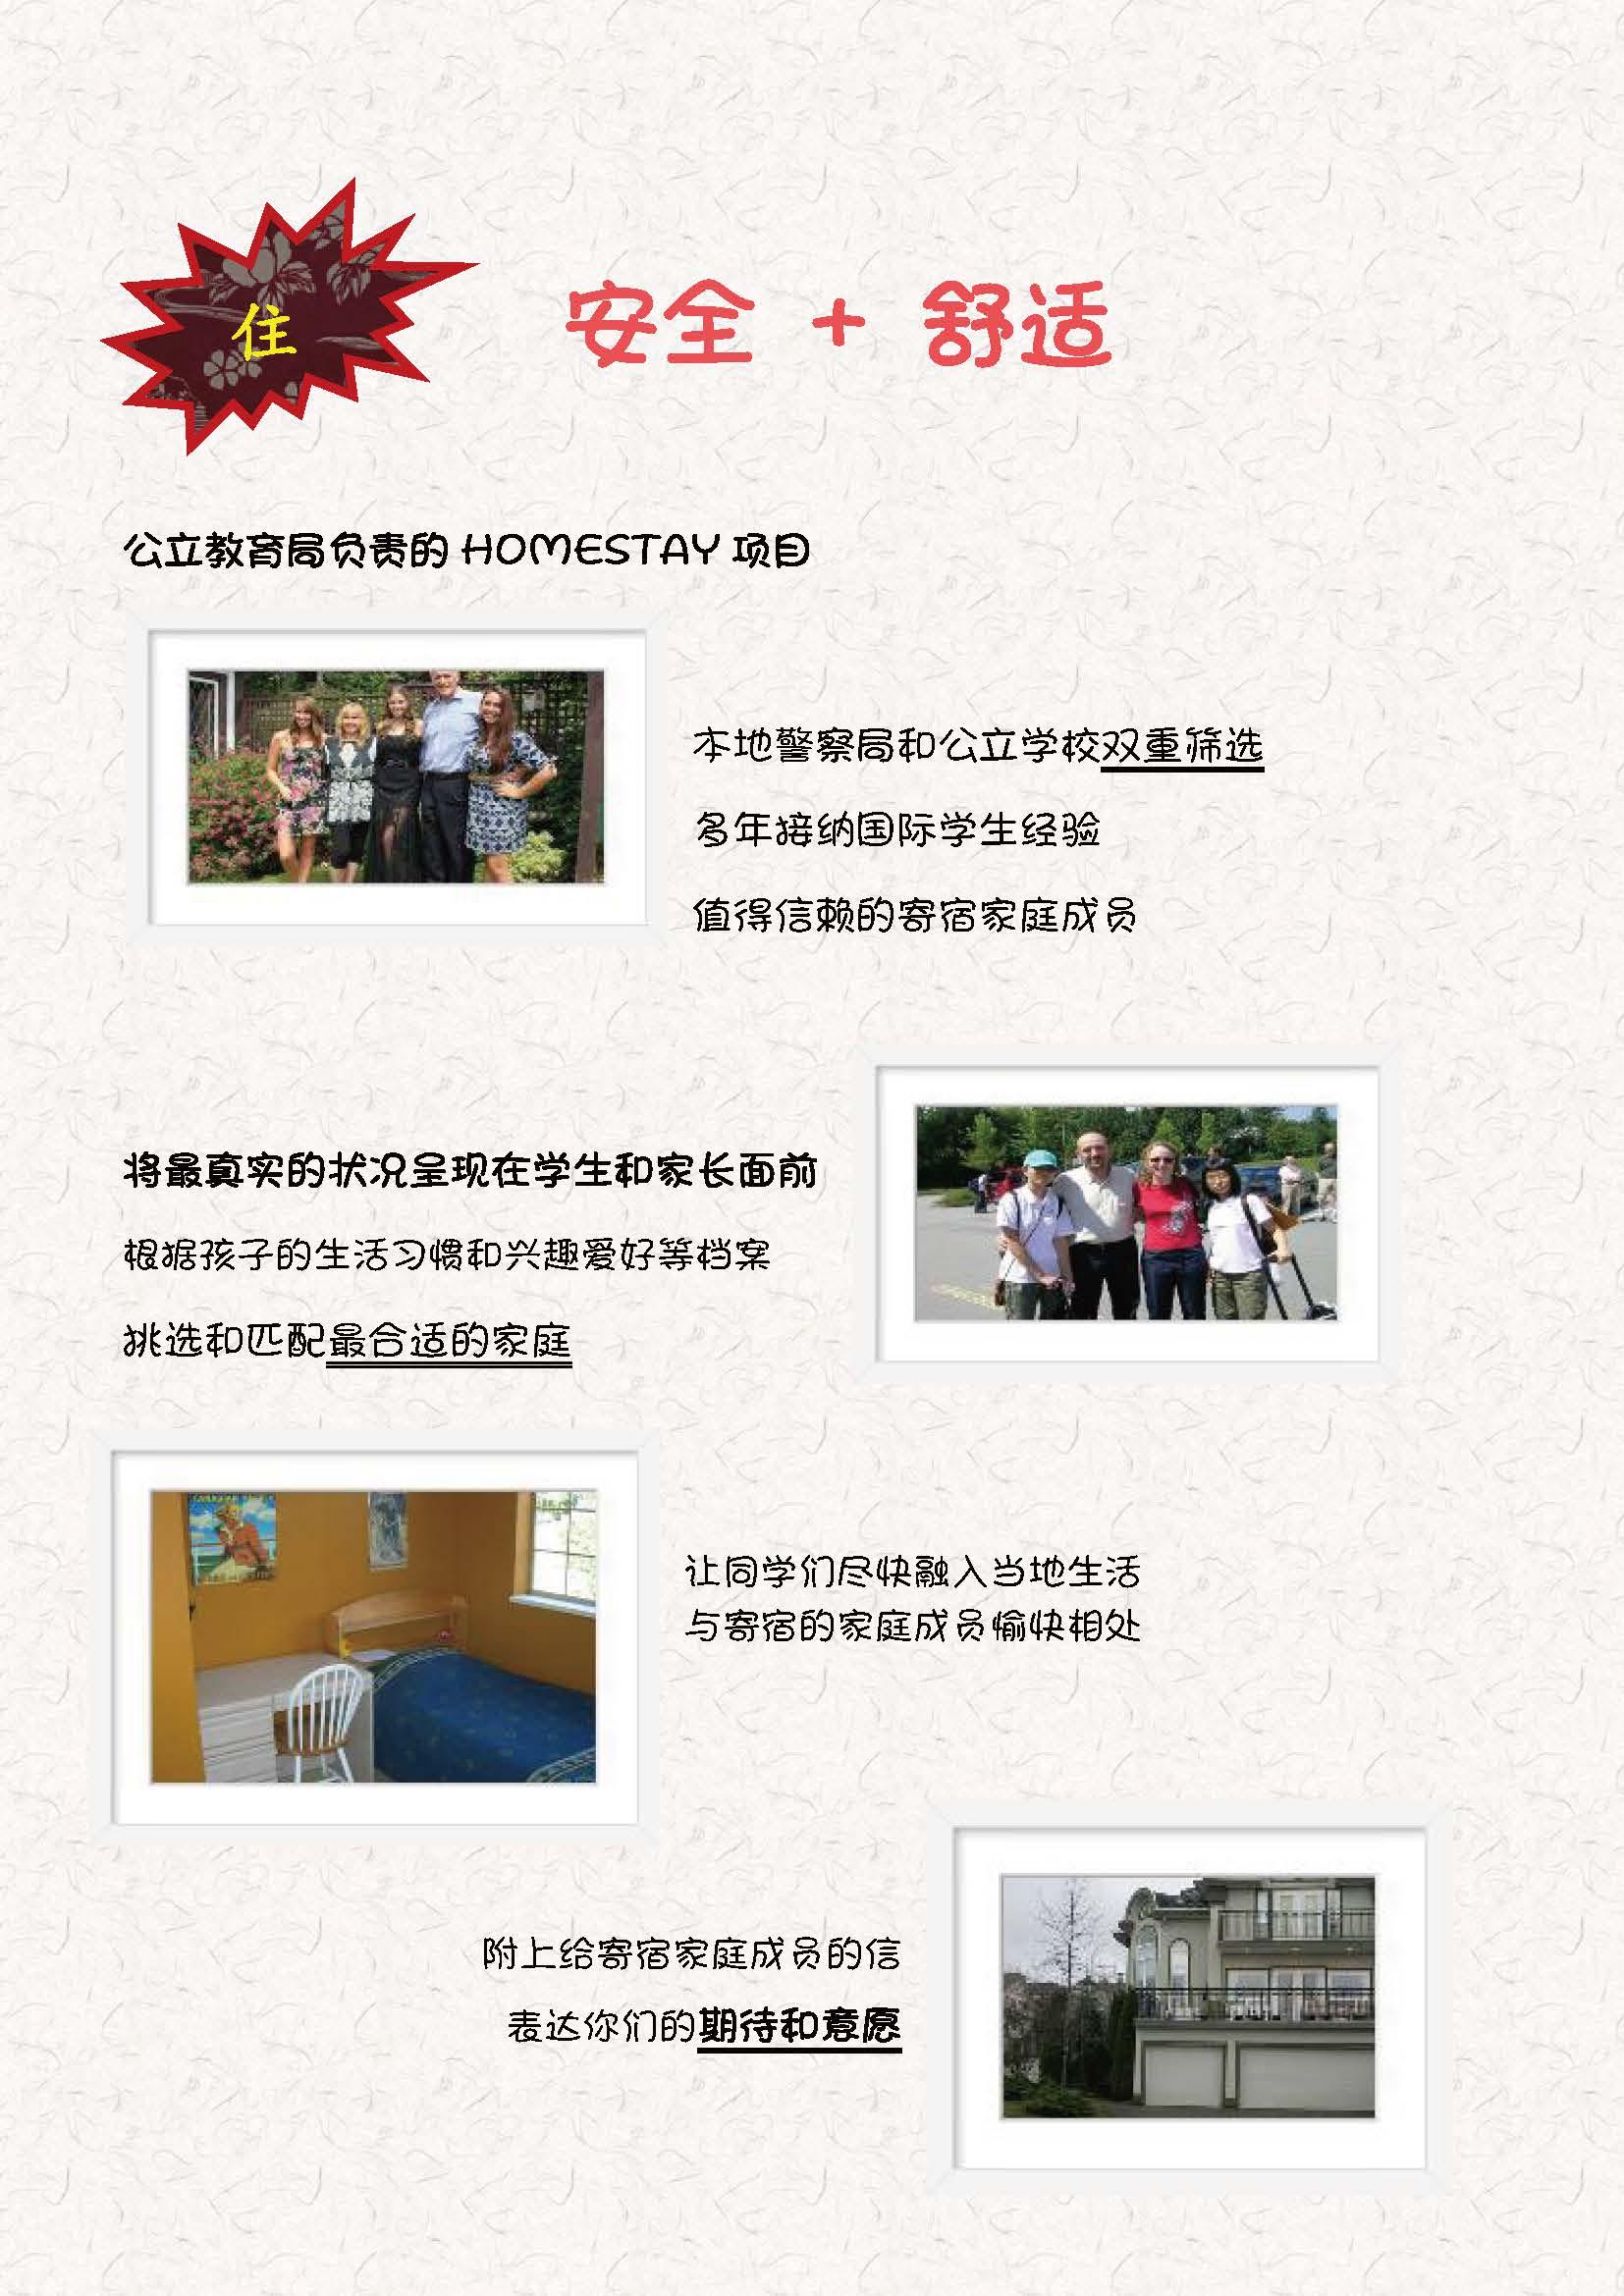 新未来2017暑假2-3周游学营宣传单_页面_6